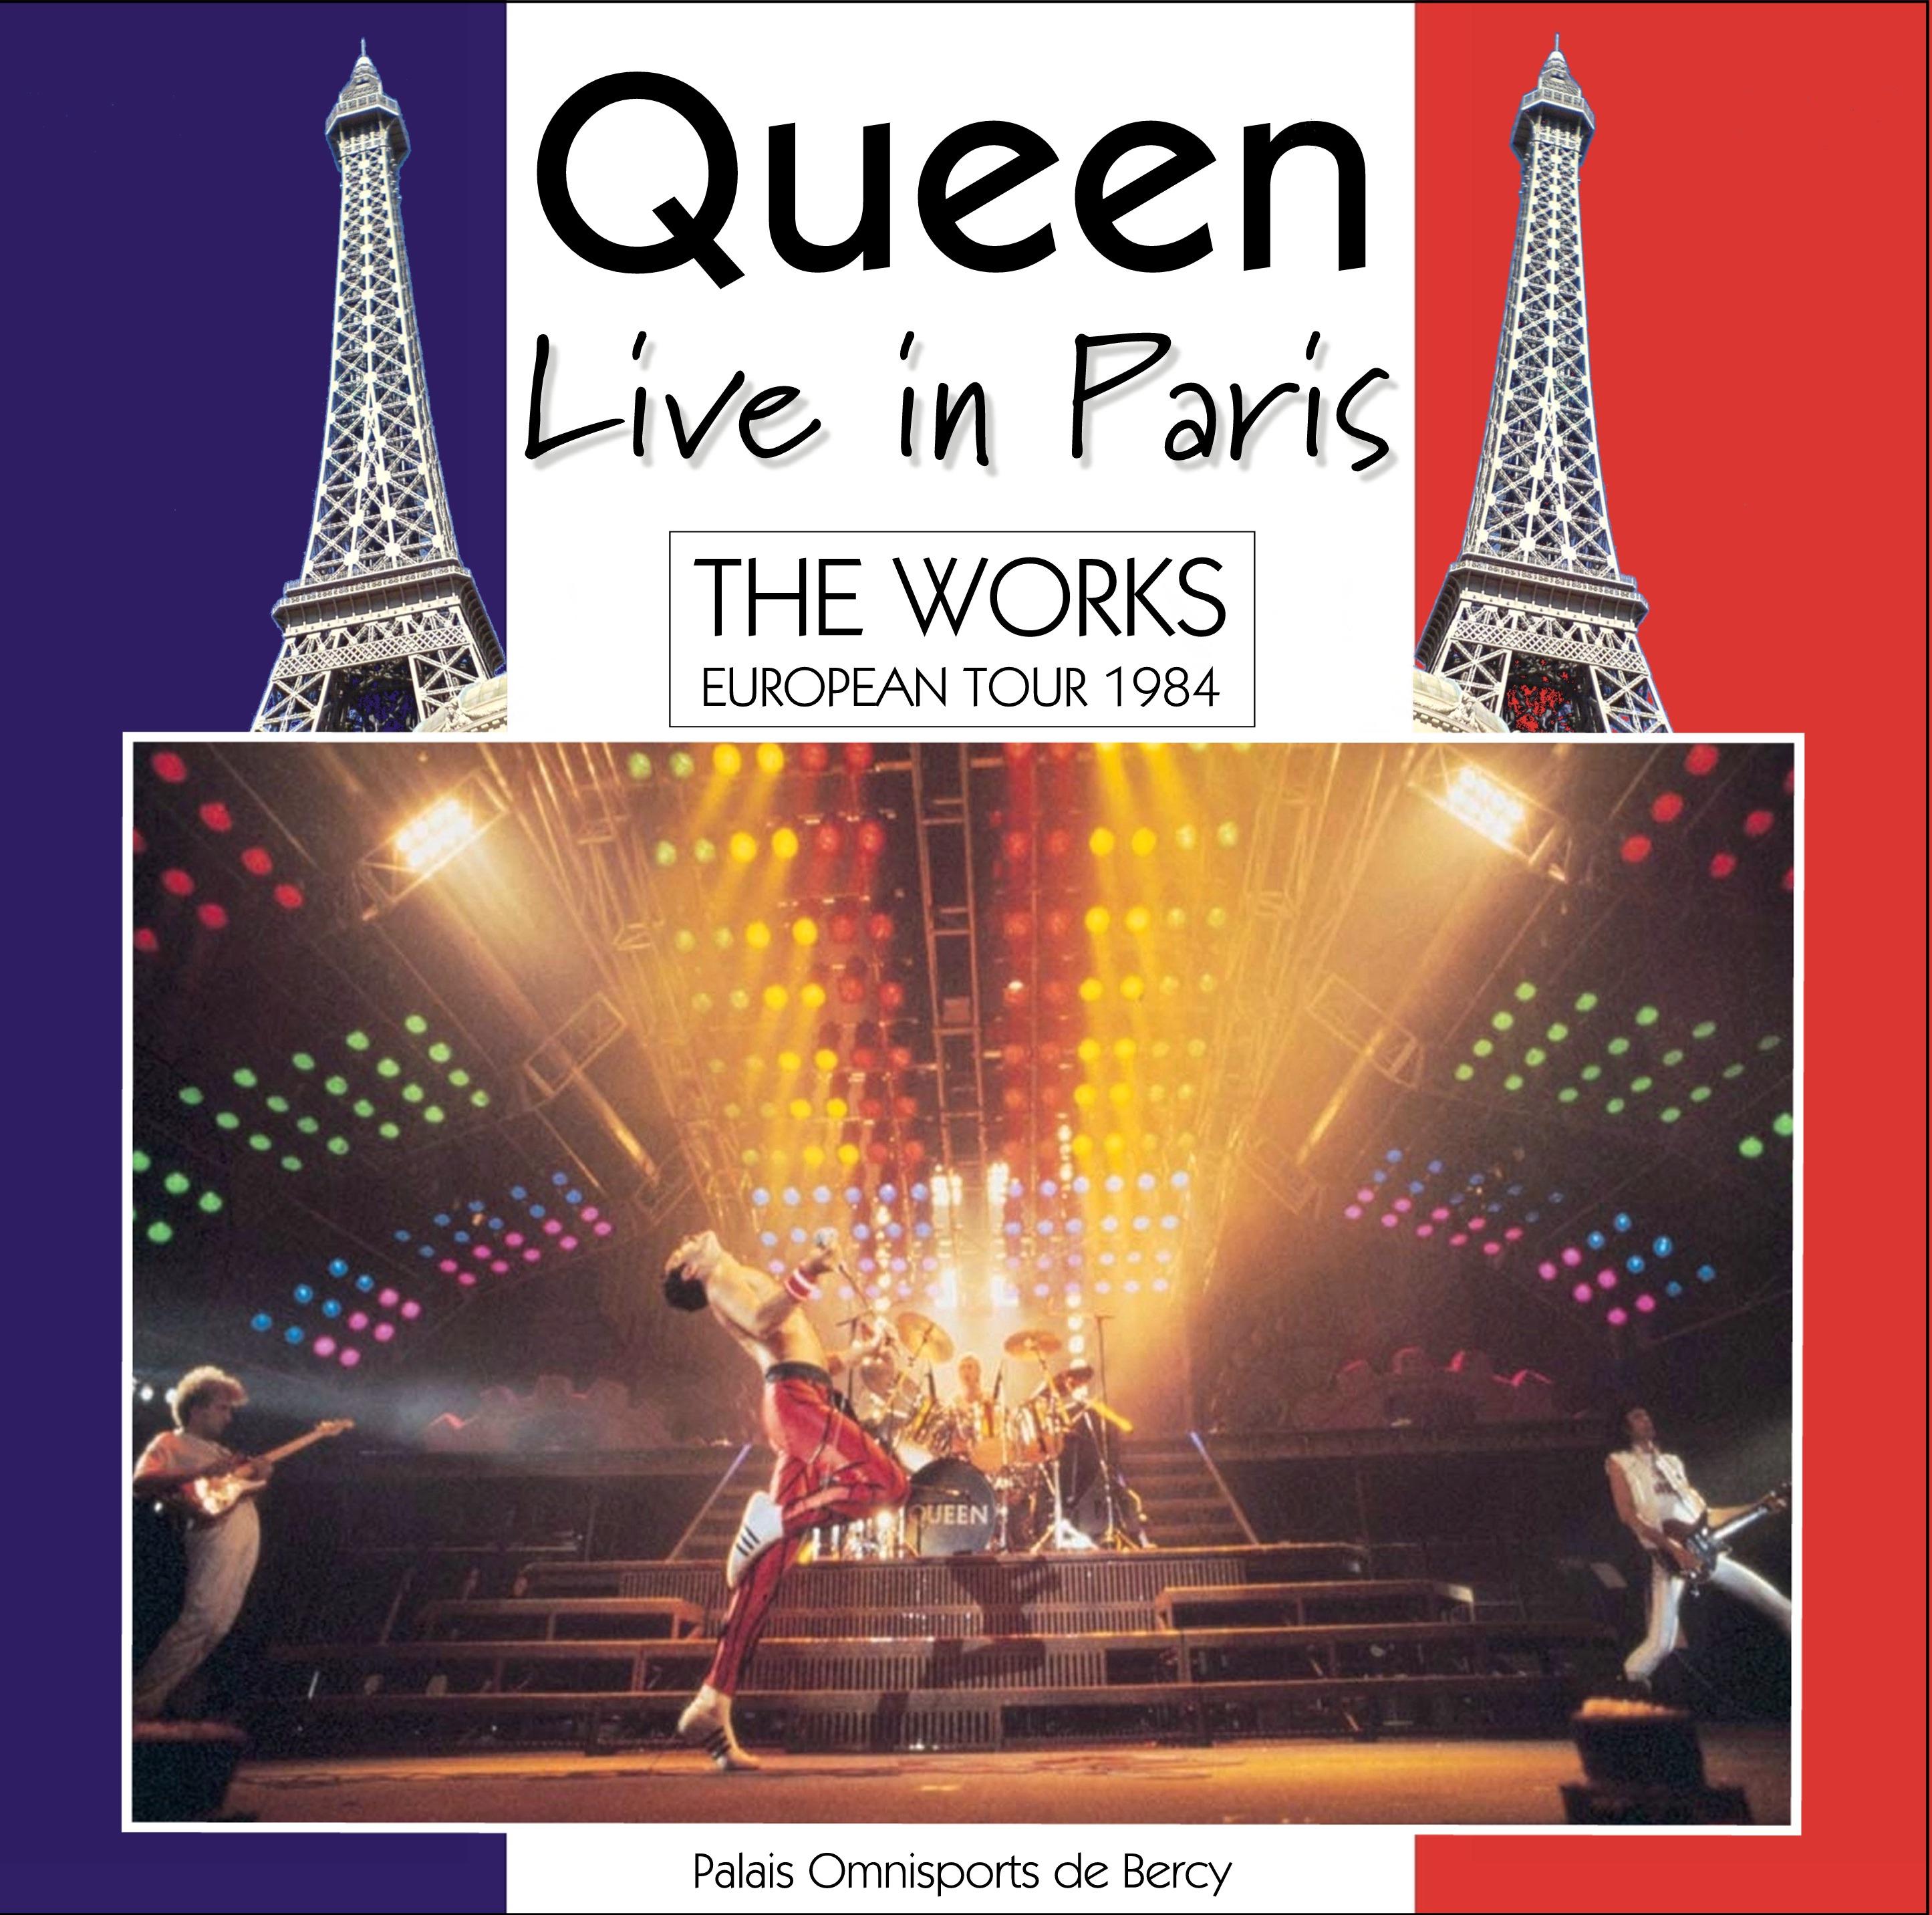 QueenParis84.jpg